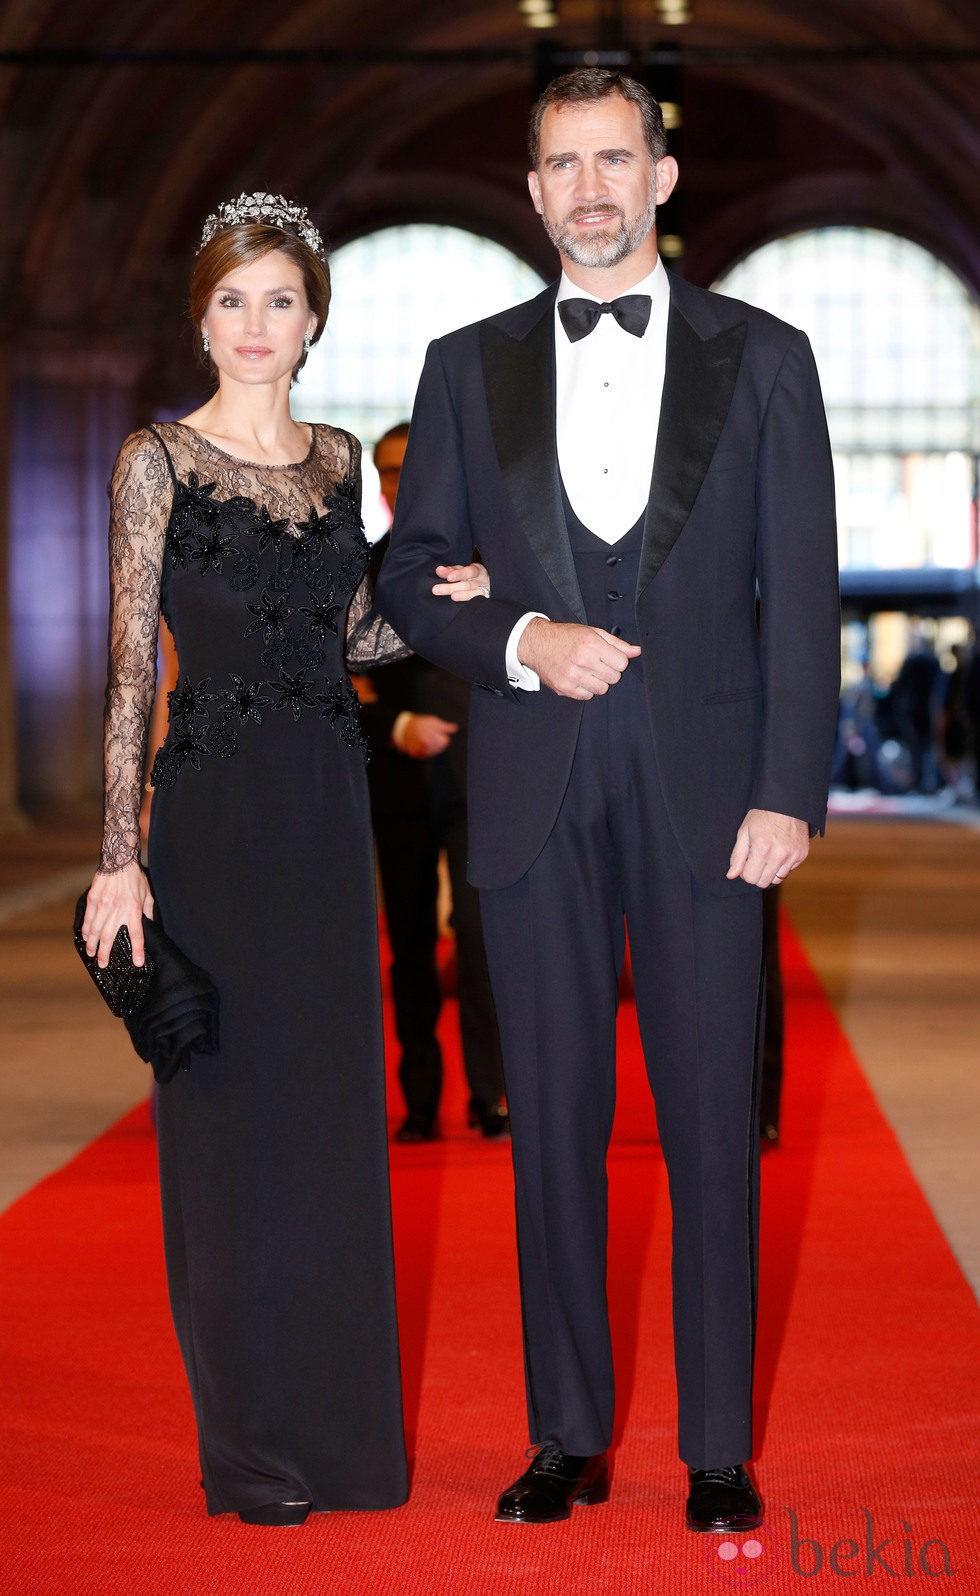 Los príncipes Felipe y Letizia de España en la cena previa a la abdicación de la Reina Beatriz de Holanda